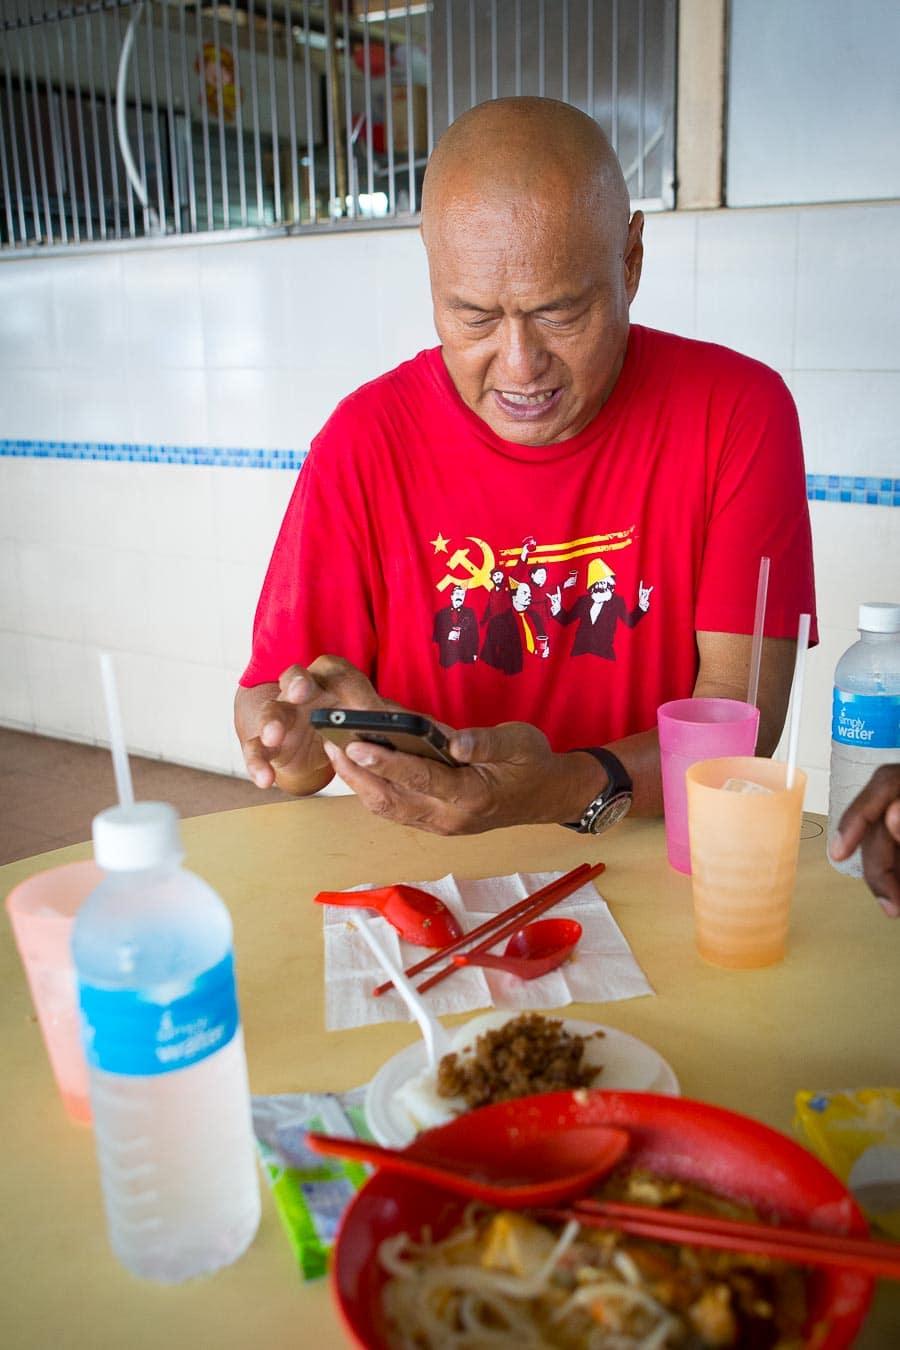 food-tour-singapore-damian-dsilva-7